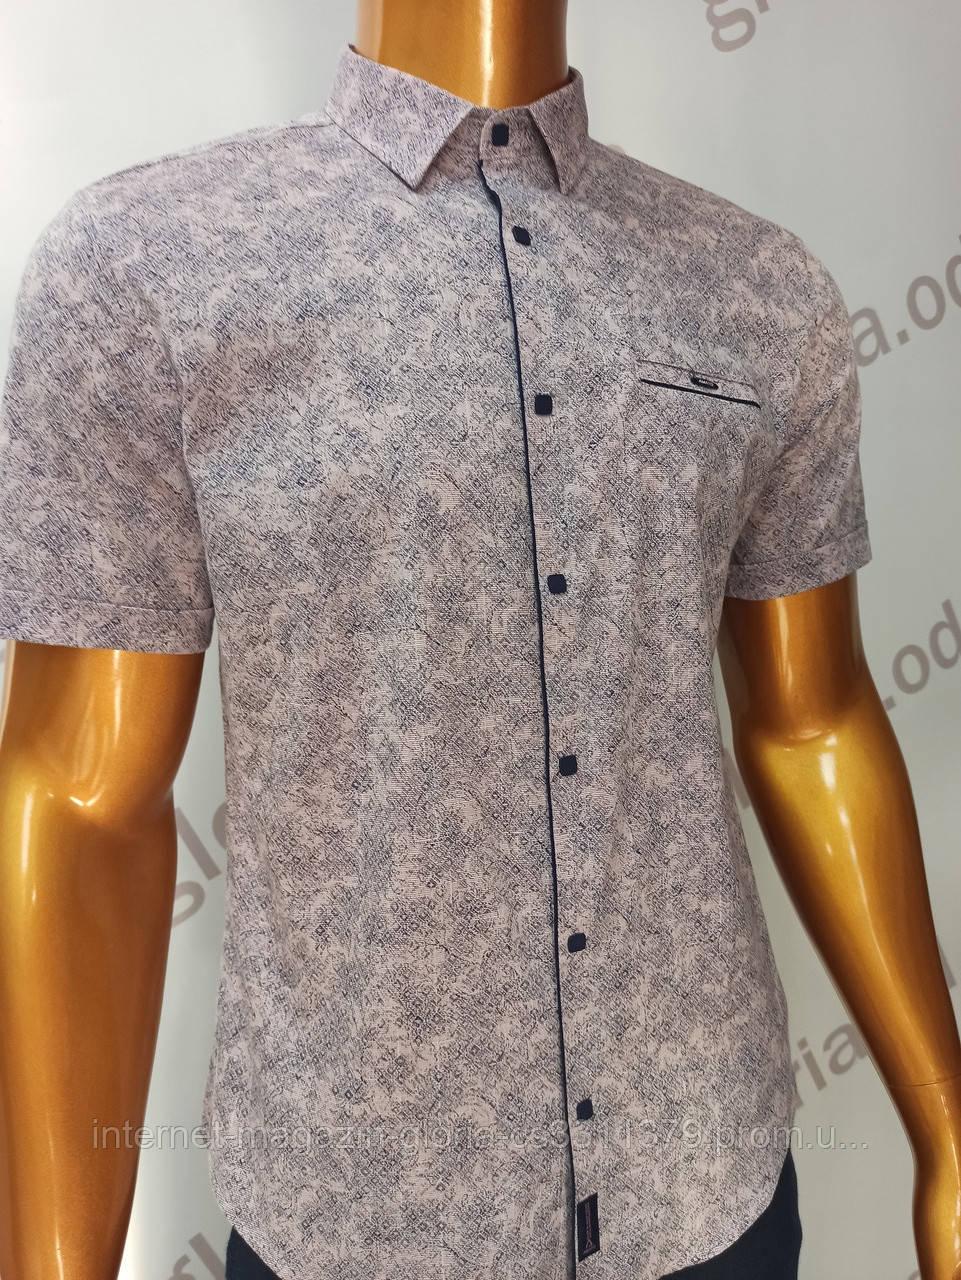 Мужская рубашка Amato. AG.19839(r). Размеры:M,L,XL, XXL.